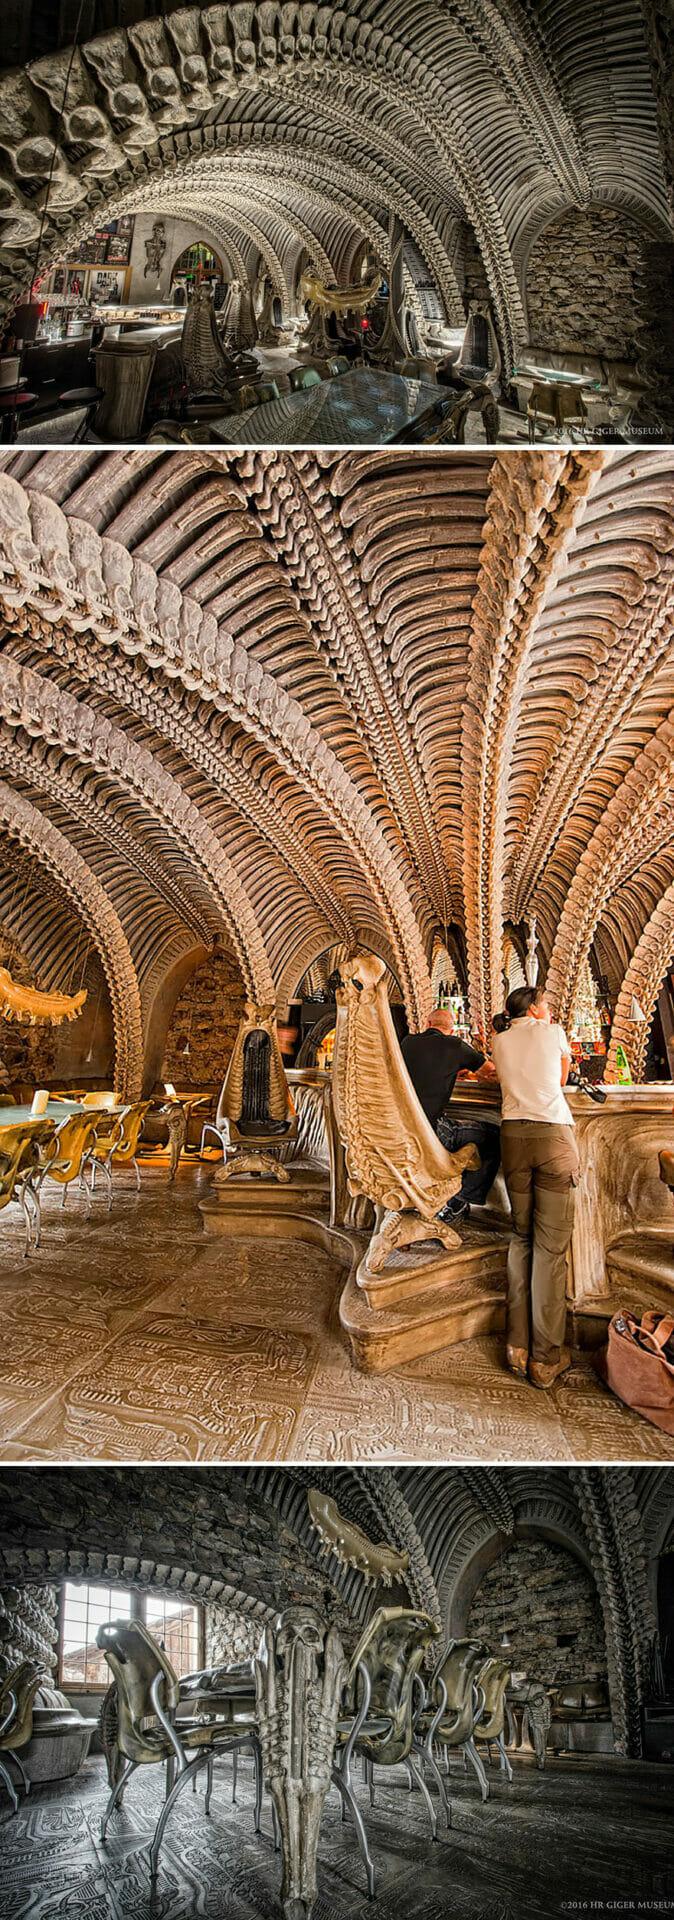 restaurantes-cafes-espetaculares_14